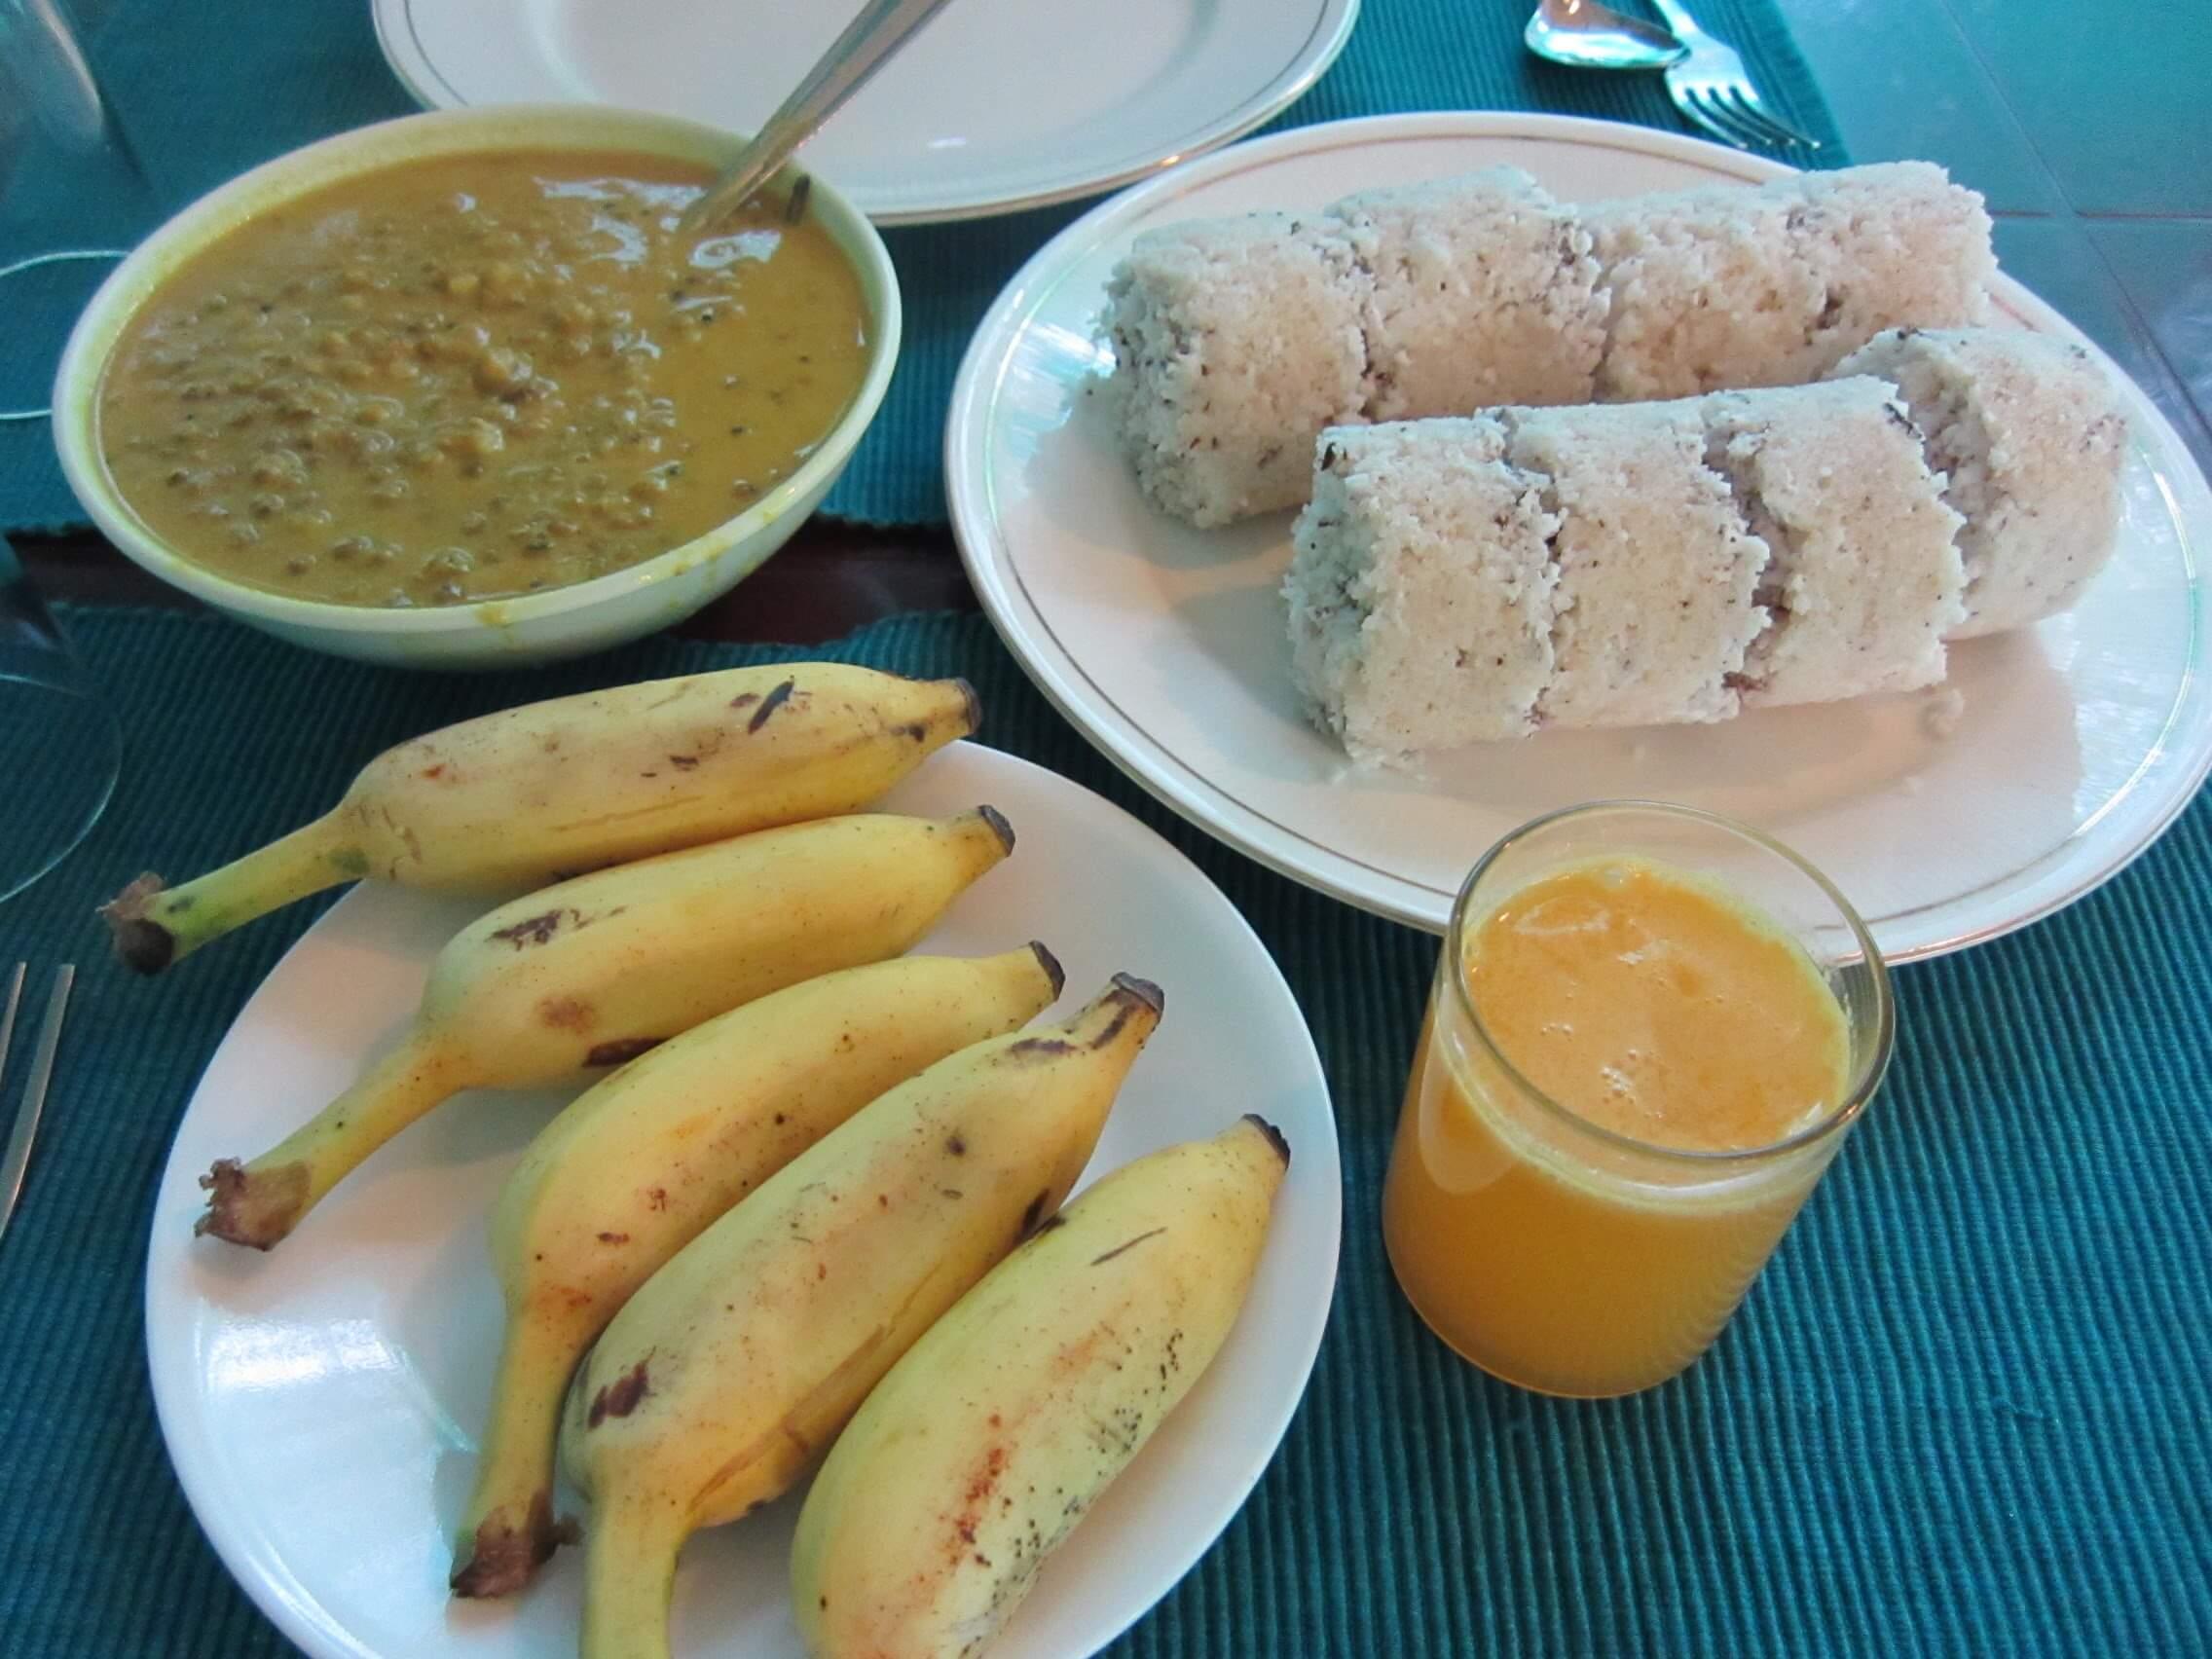 Asokamの朝食 プットゥ バナナ 緑豆カレー